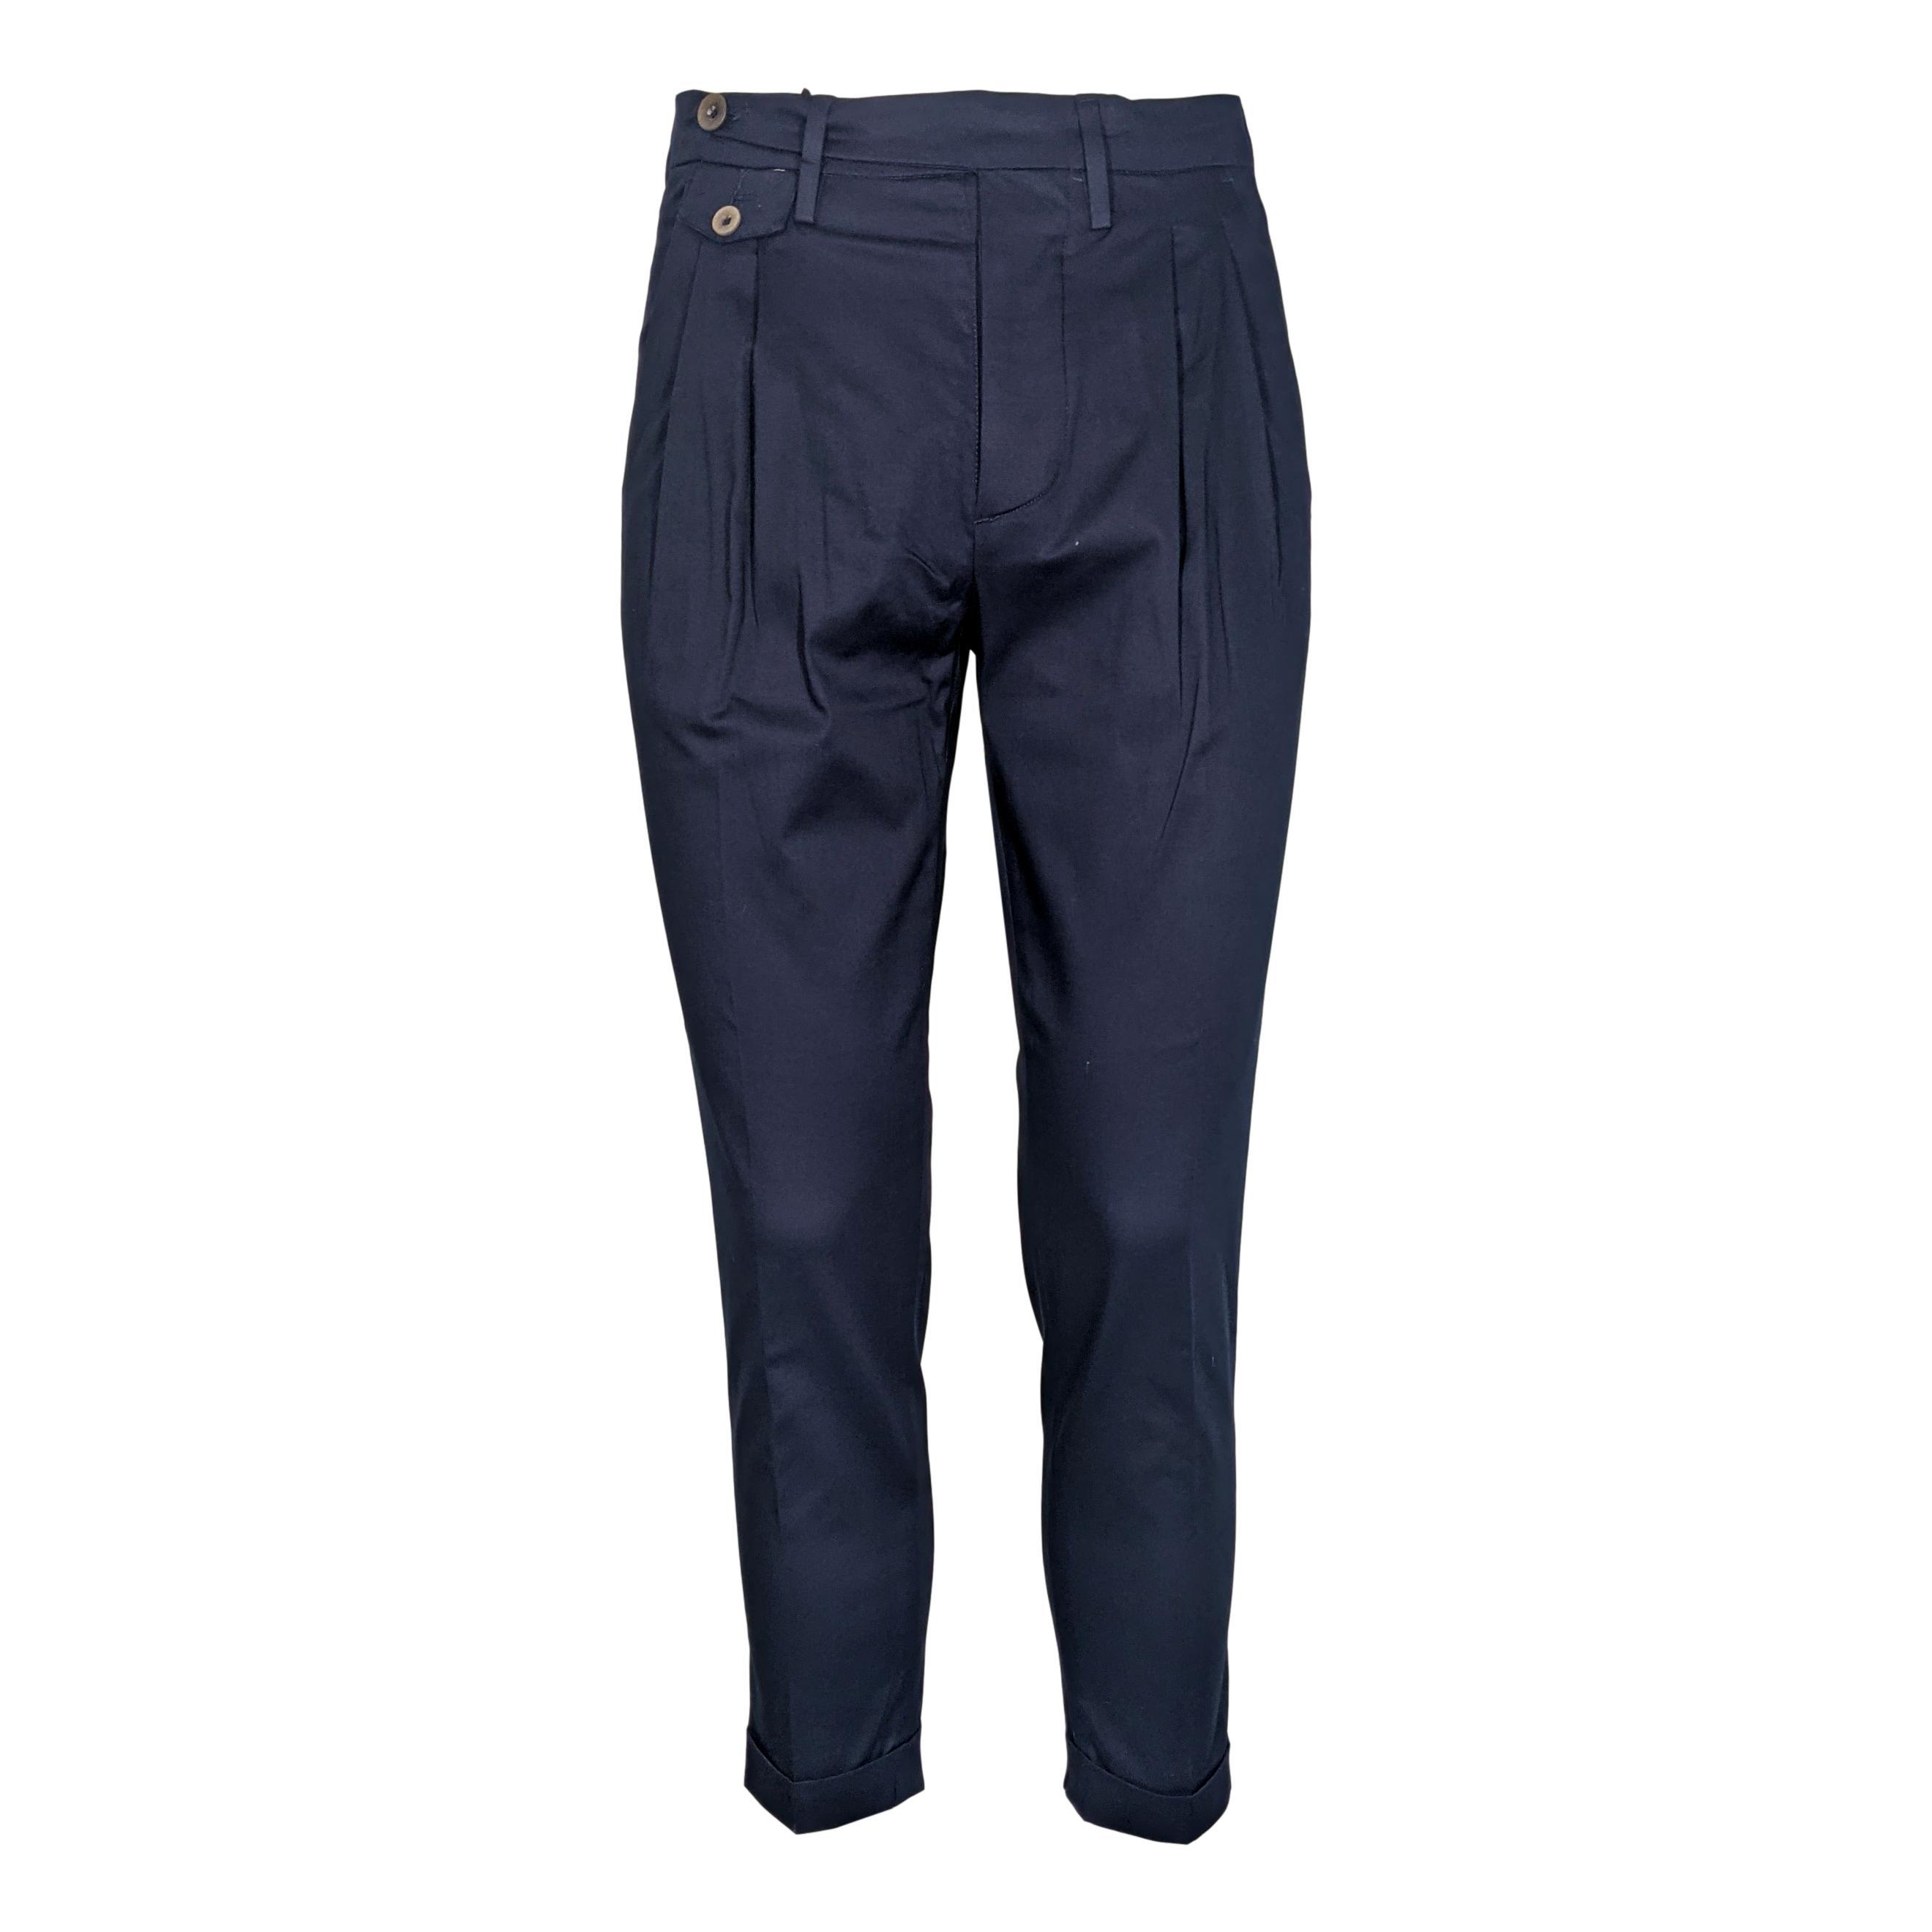 PANTALONI CHINO DOPPIA PINCE OUTFIT | Pantaloni | OF1S2S1P032174